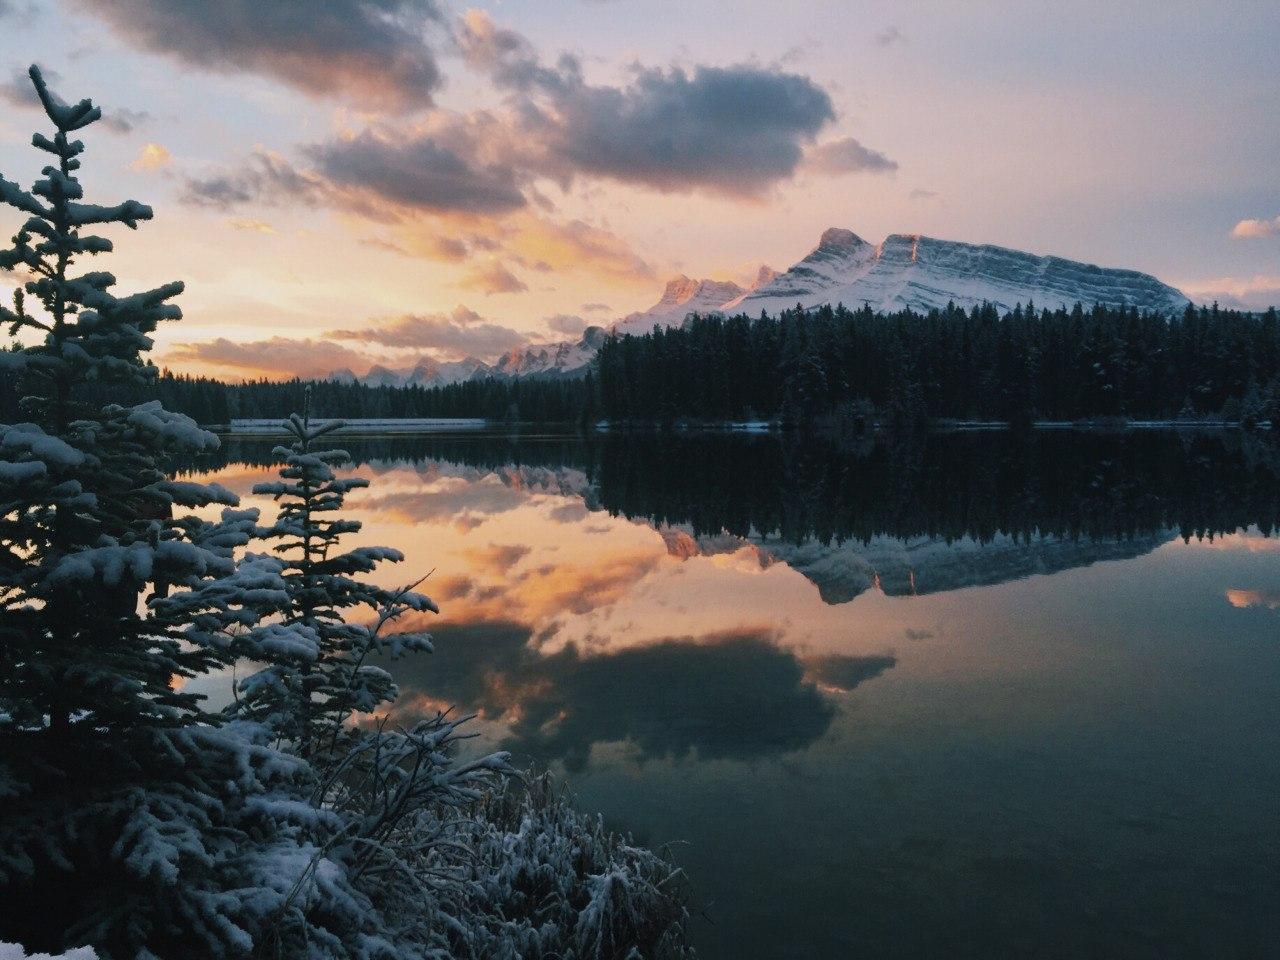 Роскошные пейзажи Норвегии - Страница 4 DfJLjApVqUY